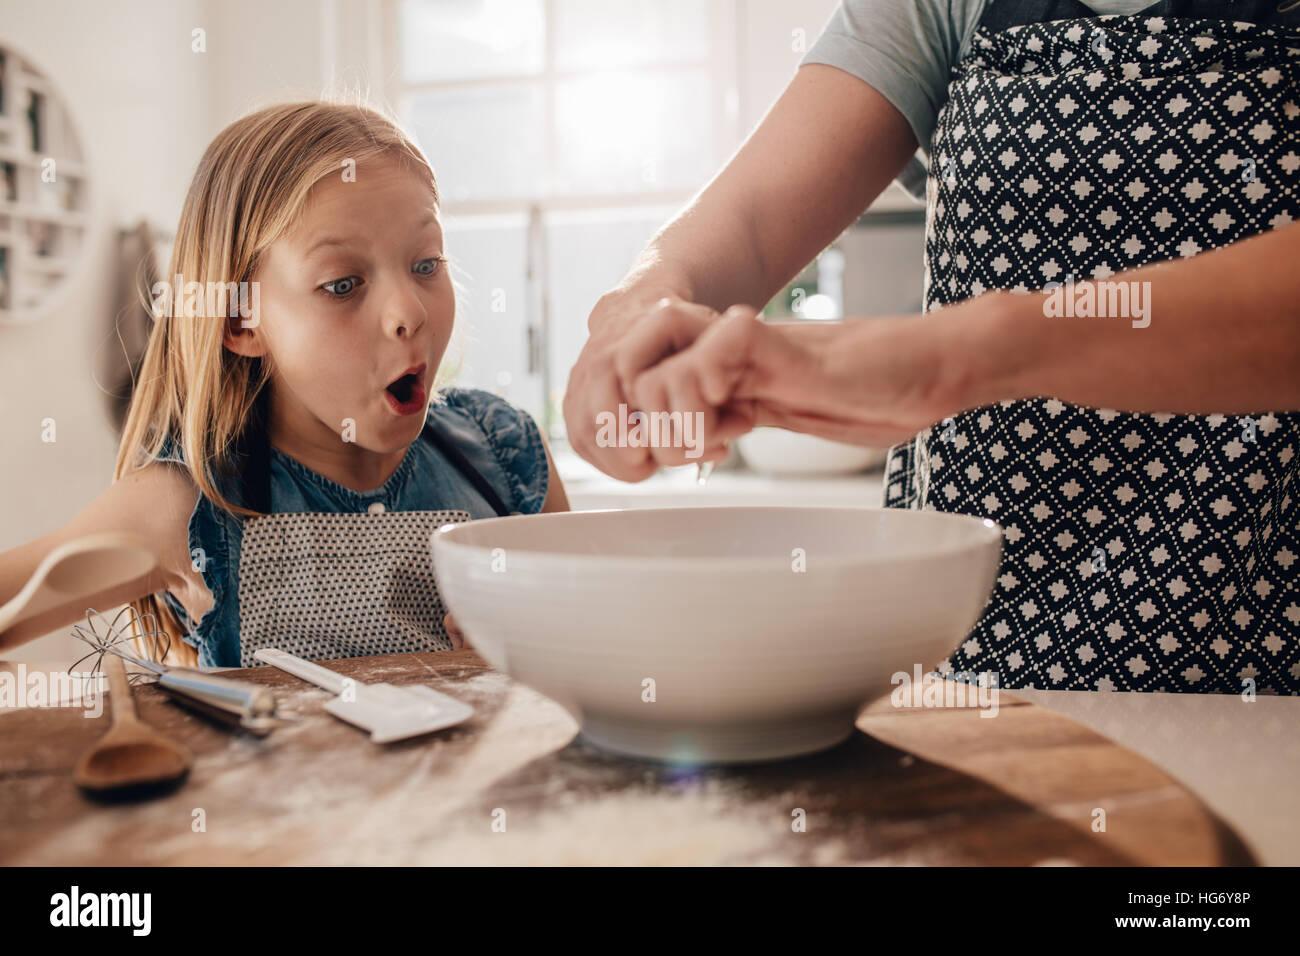 Eccitato ragazza giovane con la madre la preparazione di impasti per la cottura. La donna le mani per la cottura Immagini Stock